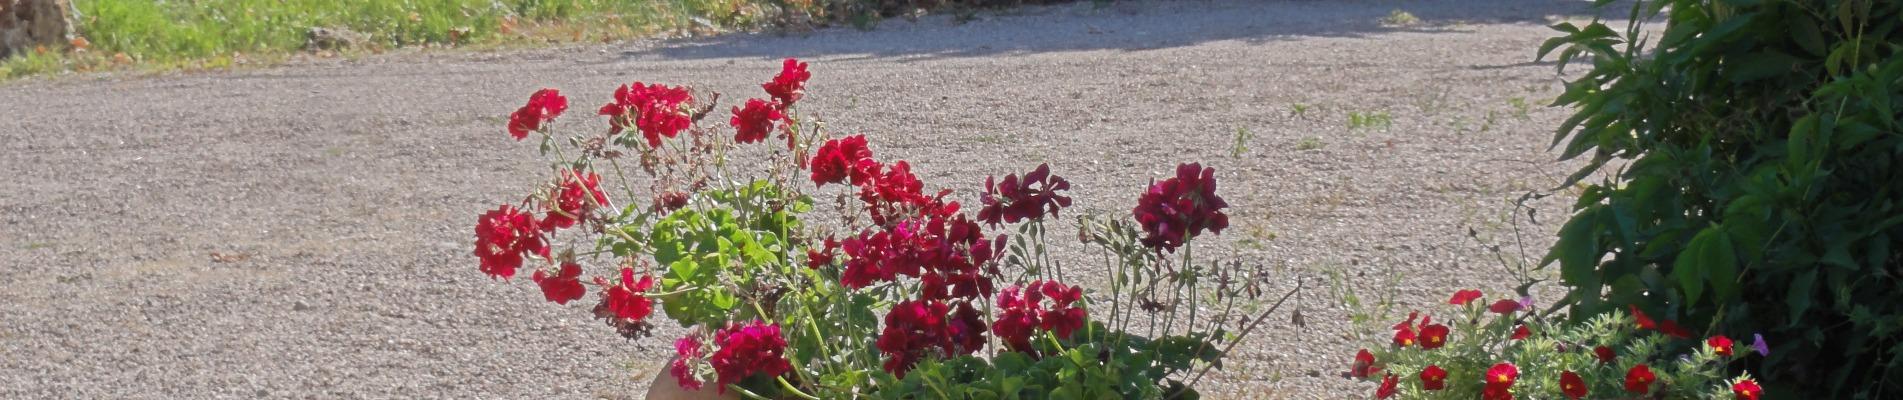 geraniums bij grindpad